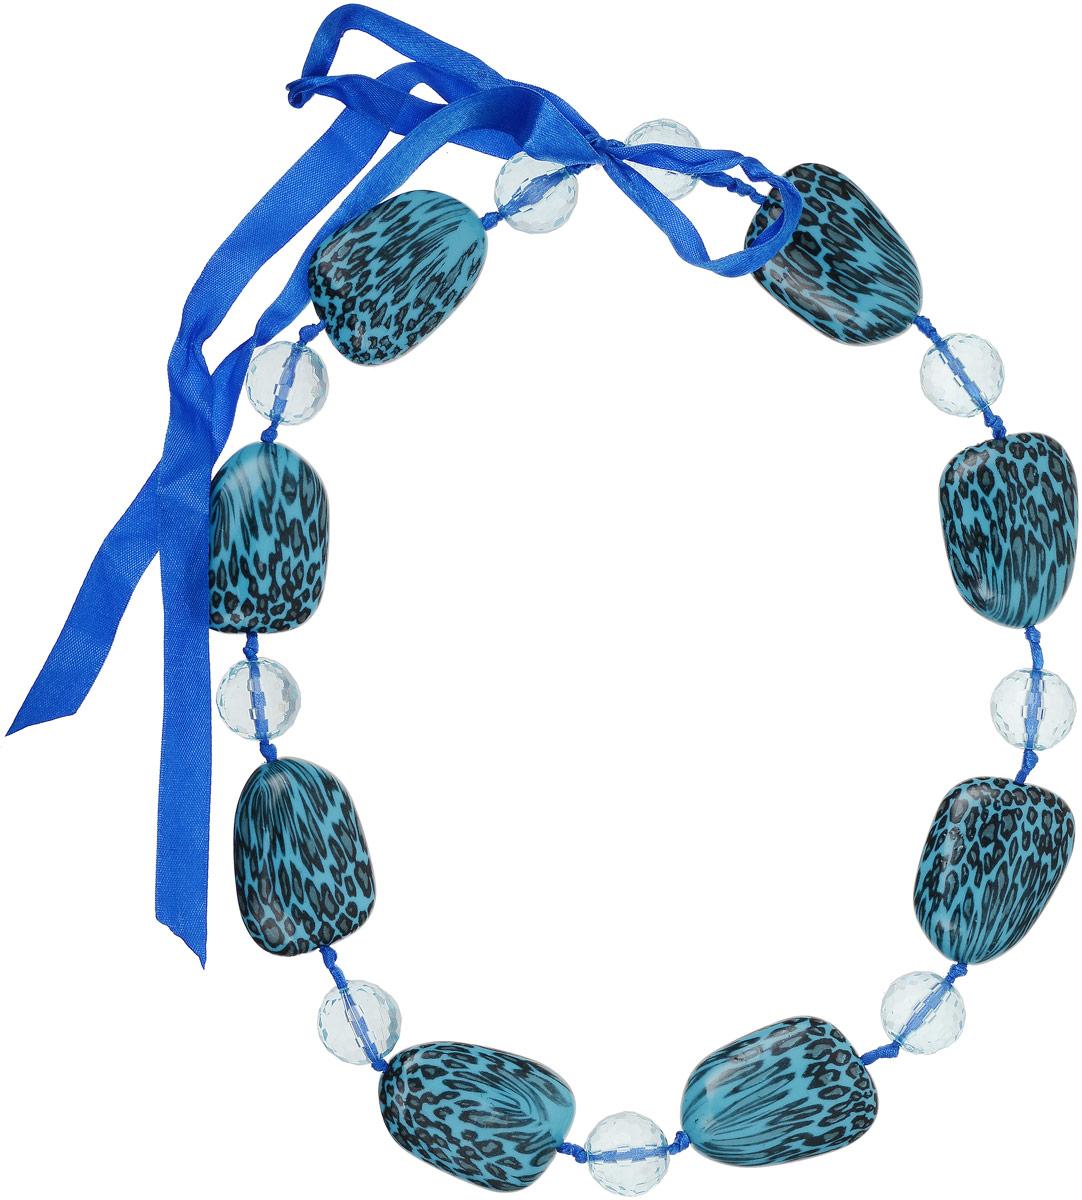 Ожерелье Art-Silver, цвет: бирюзовый. 35355-482Колье (короткие одноярусные бусы)Ожерелье Art-Silver на текстильной основе оформлено крупными искусственными камнями и бусинами. Модель завязывается на ленту.